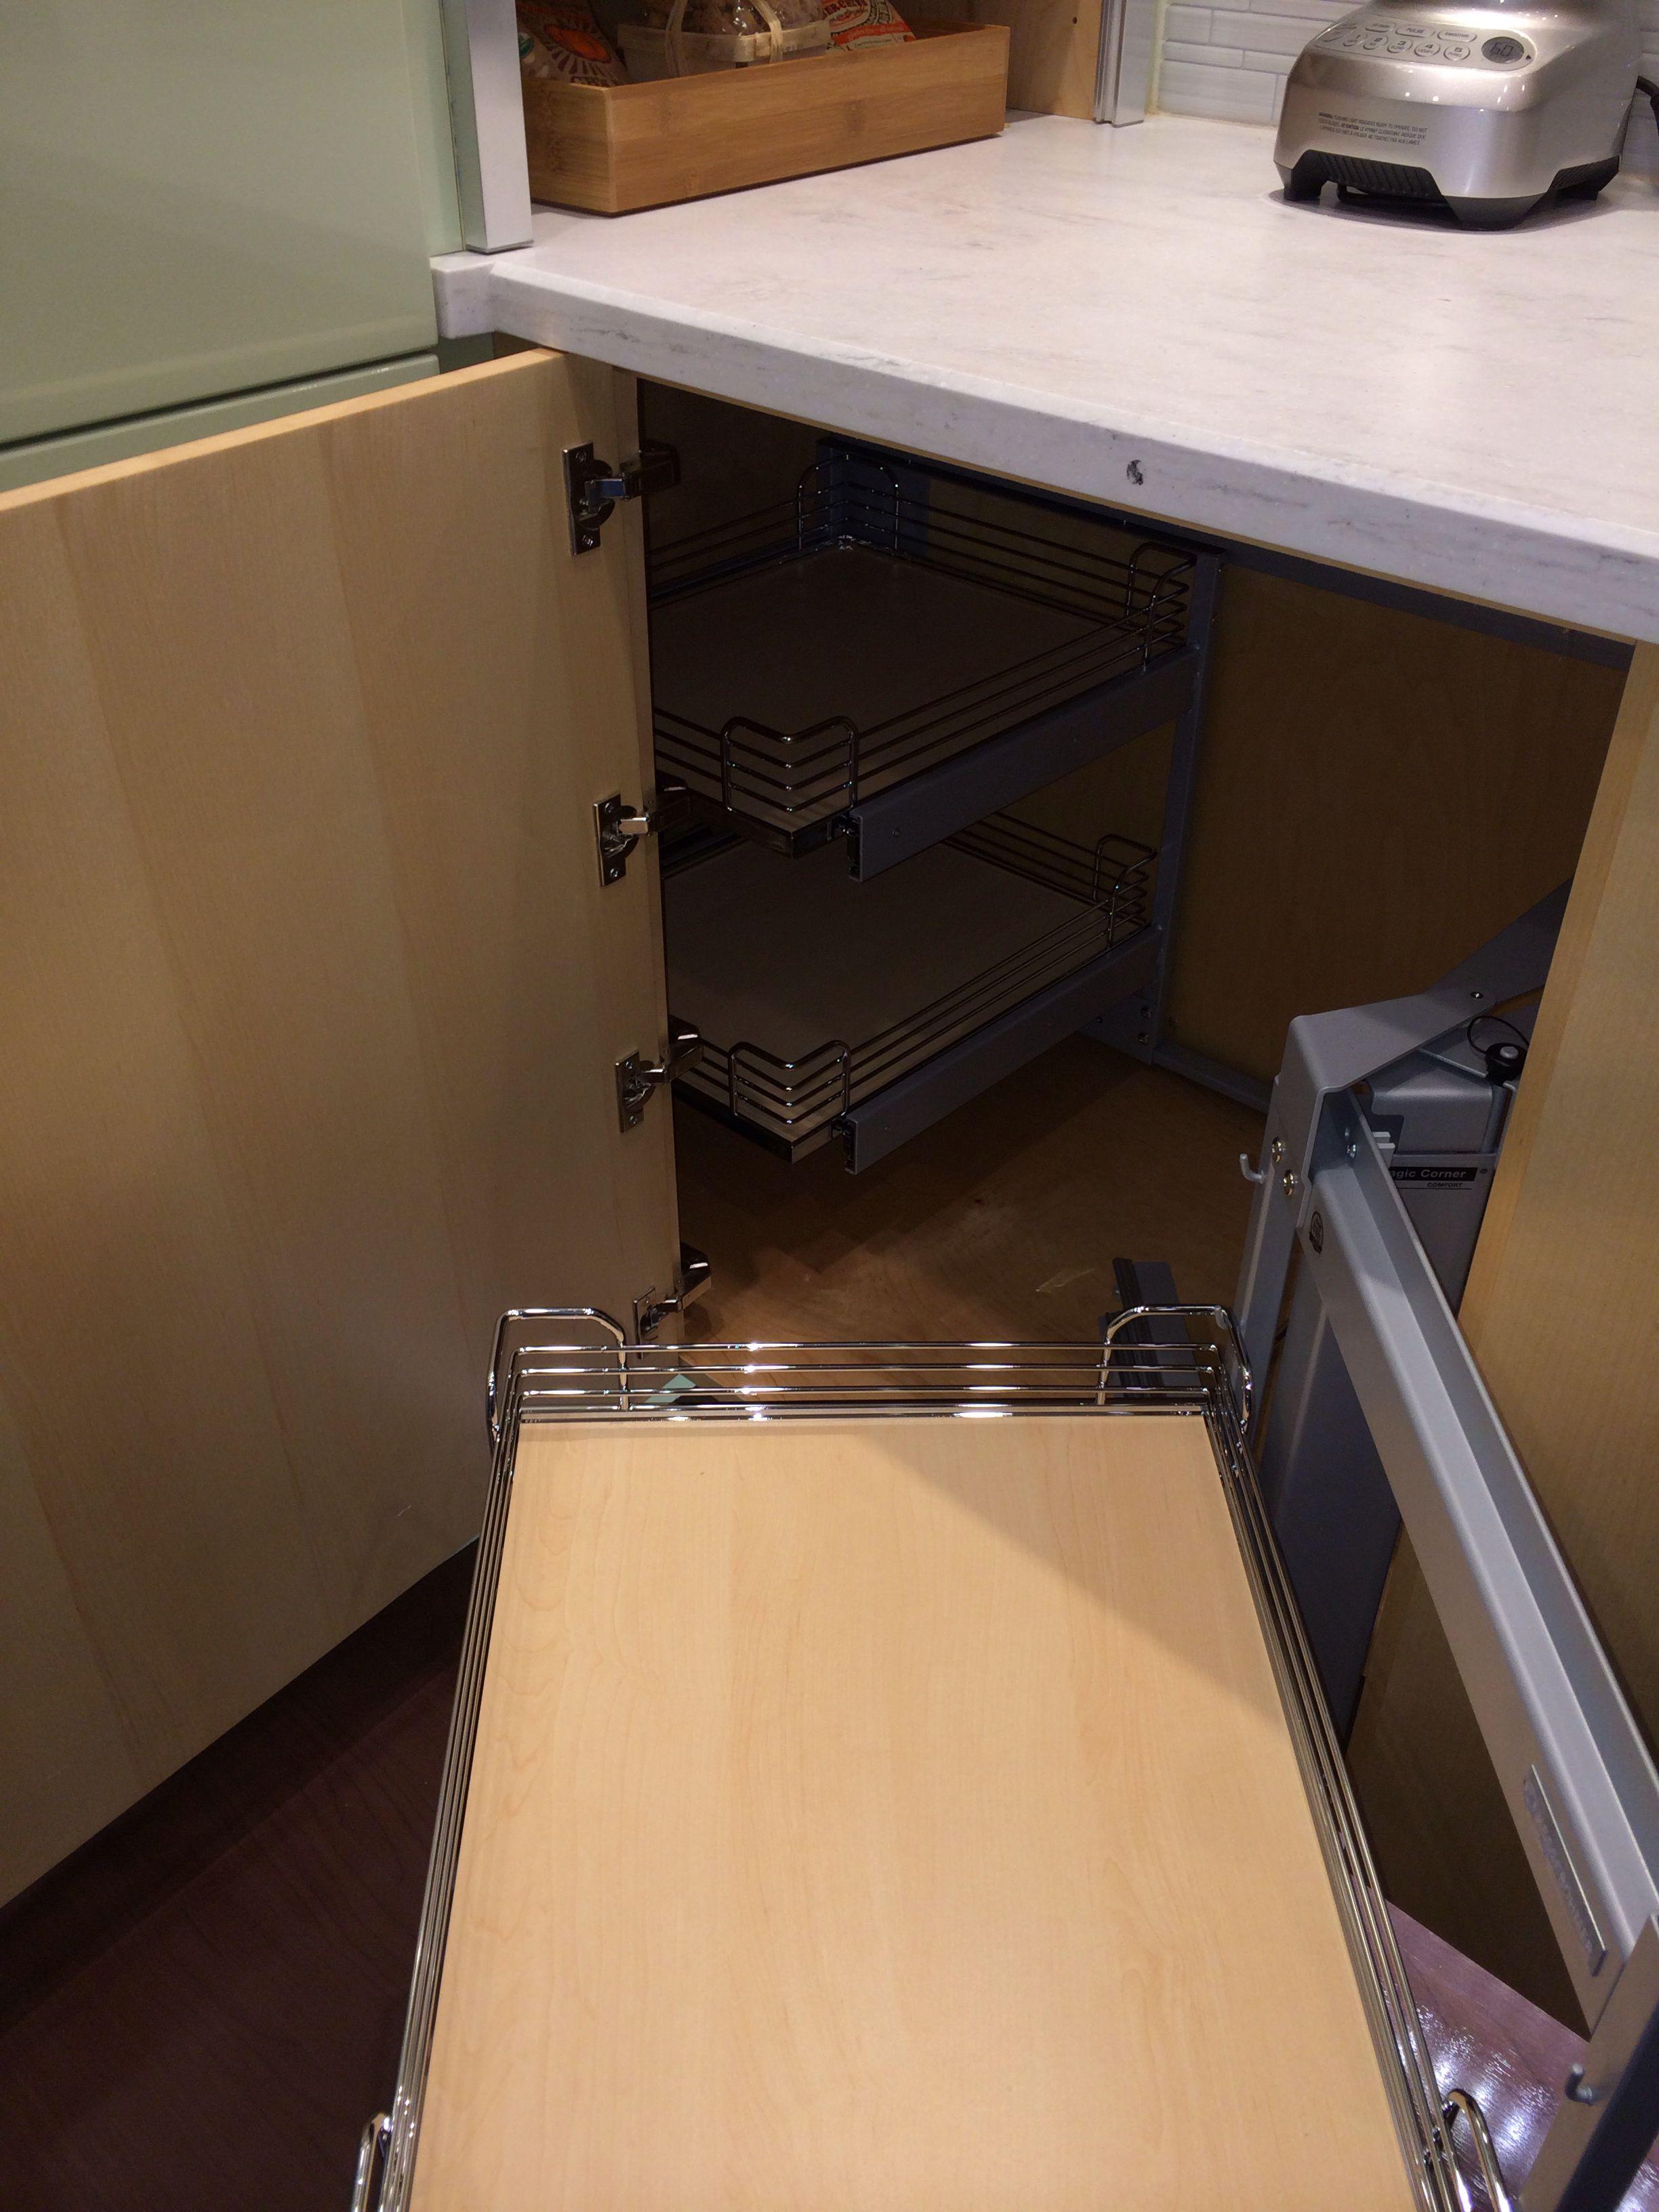 Blind corner cabinet solution